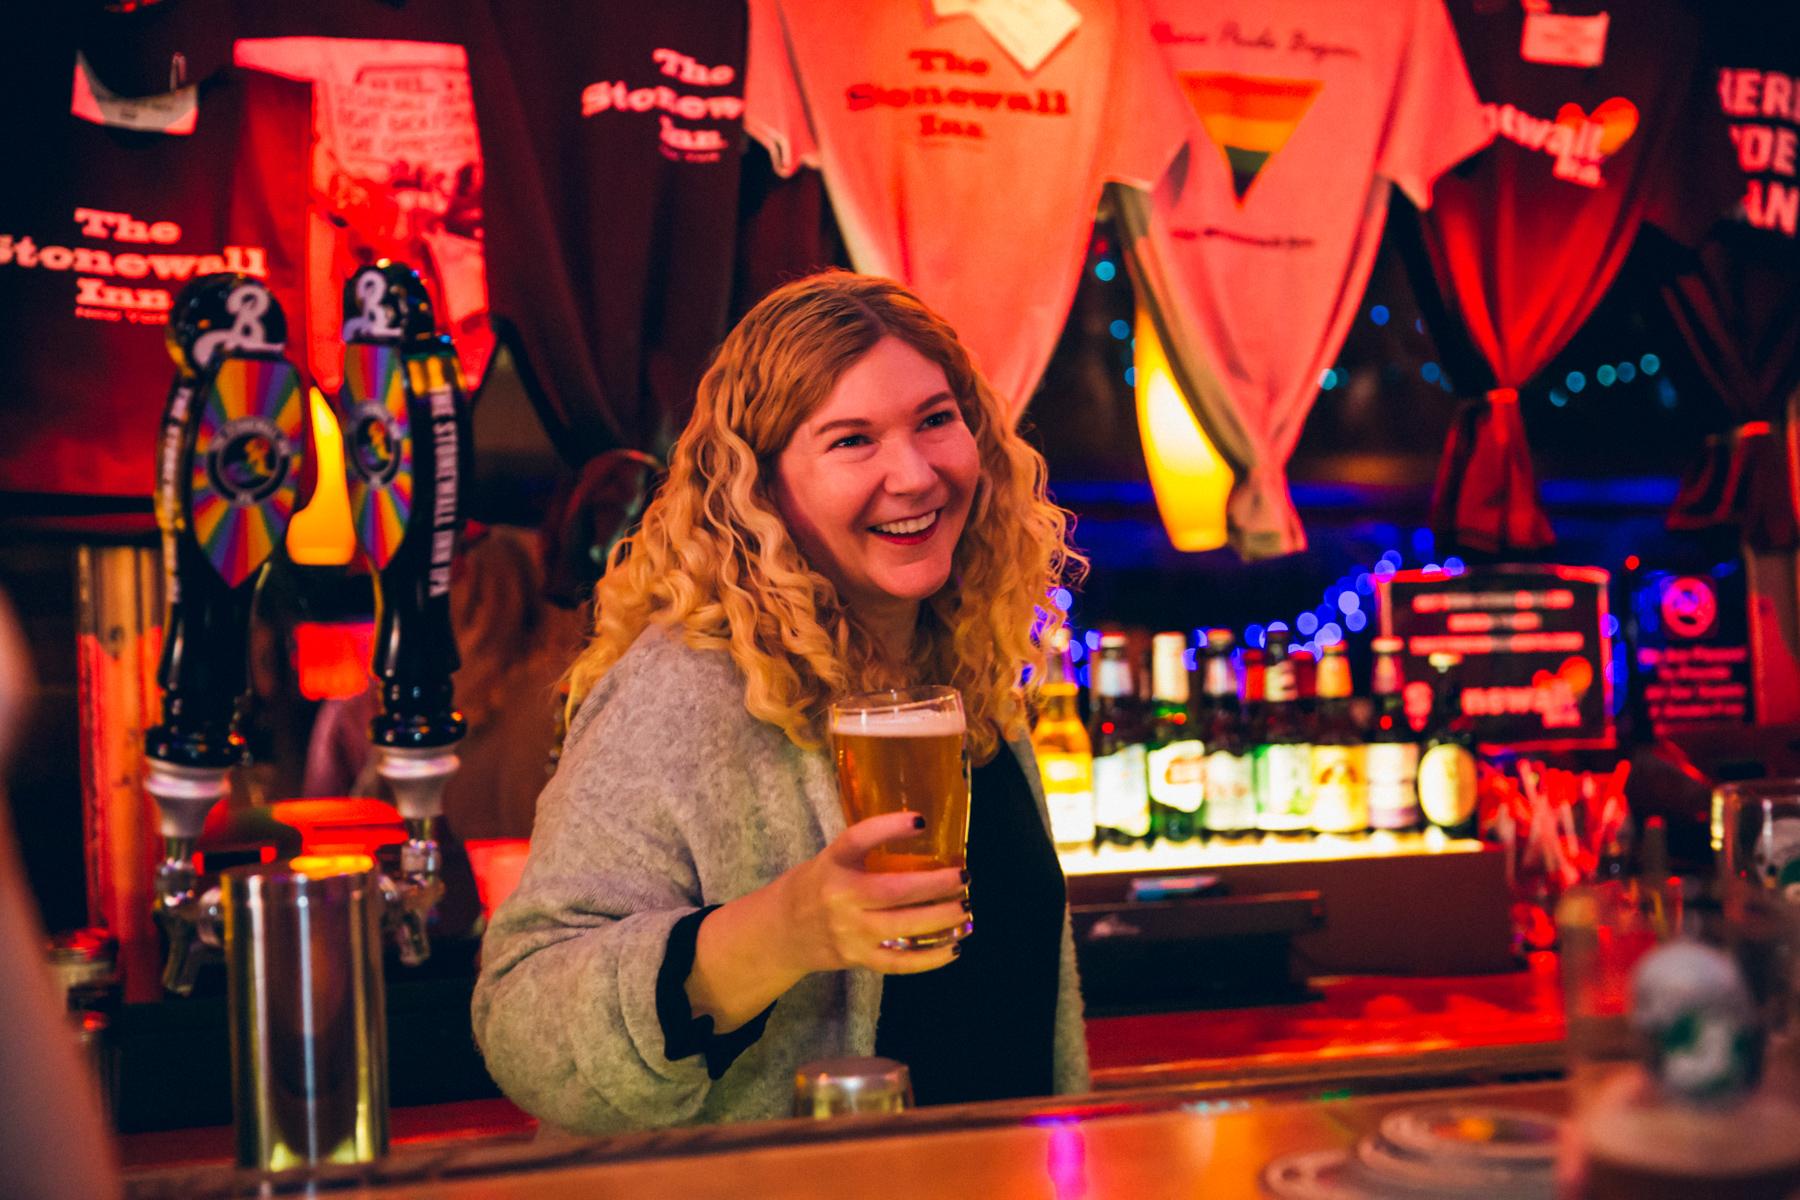 brooklyn_brewery_stonewall_weru_tyew-LORES-8857